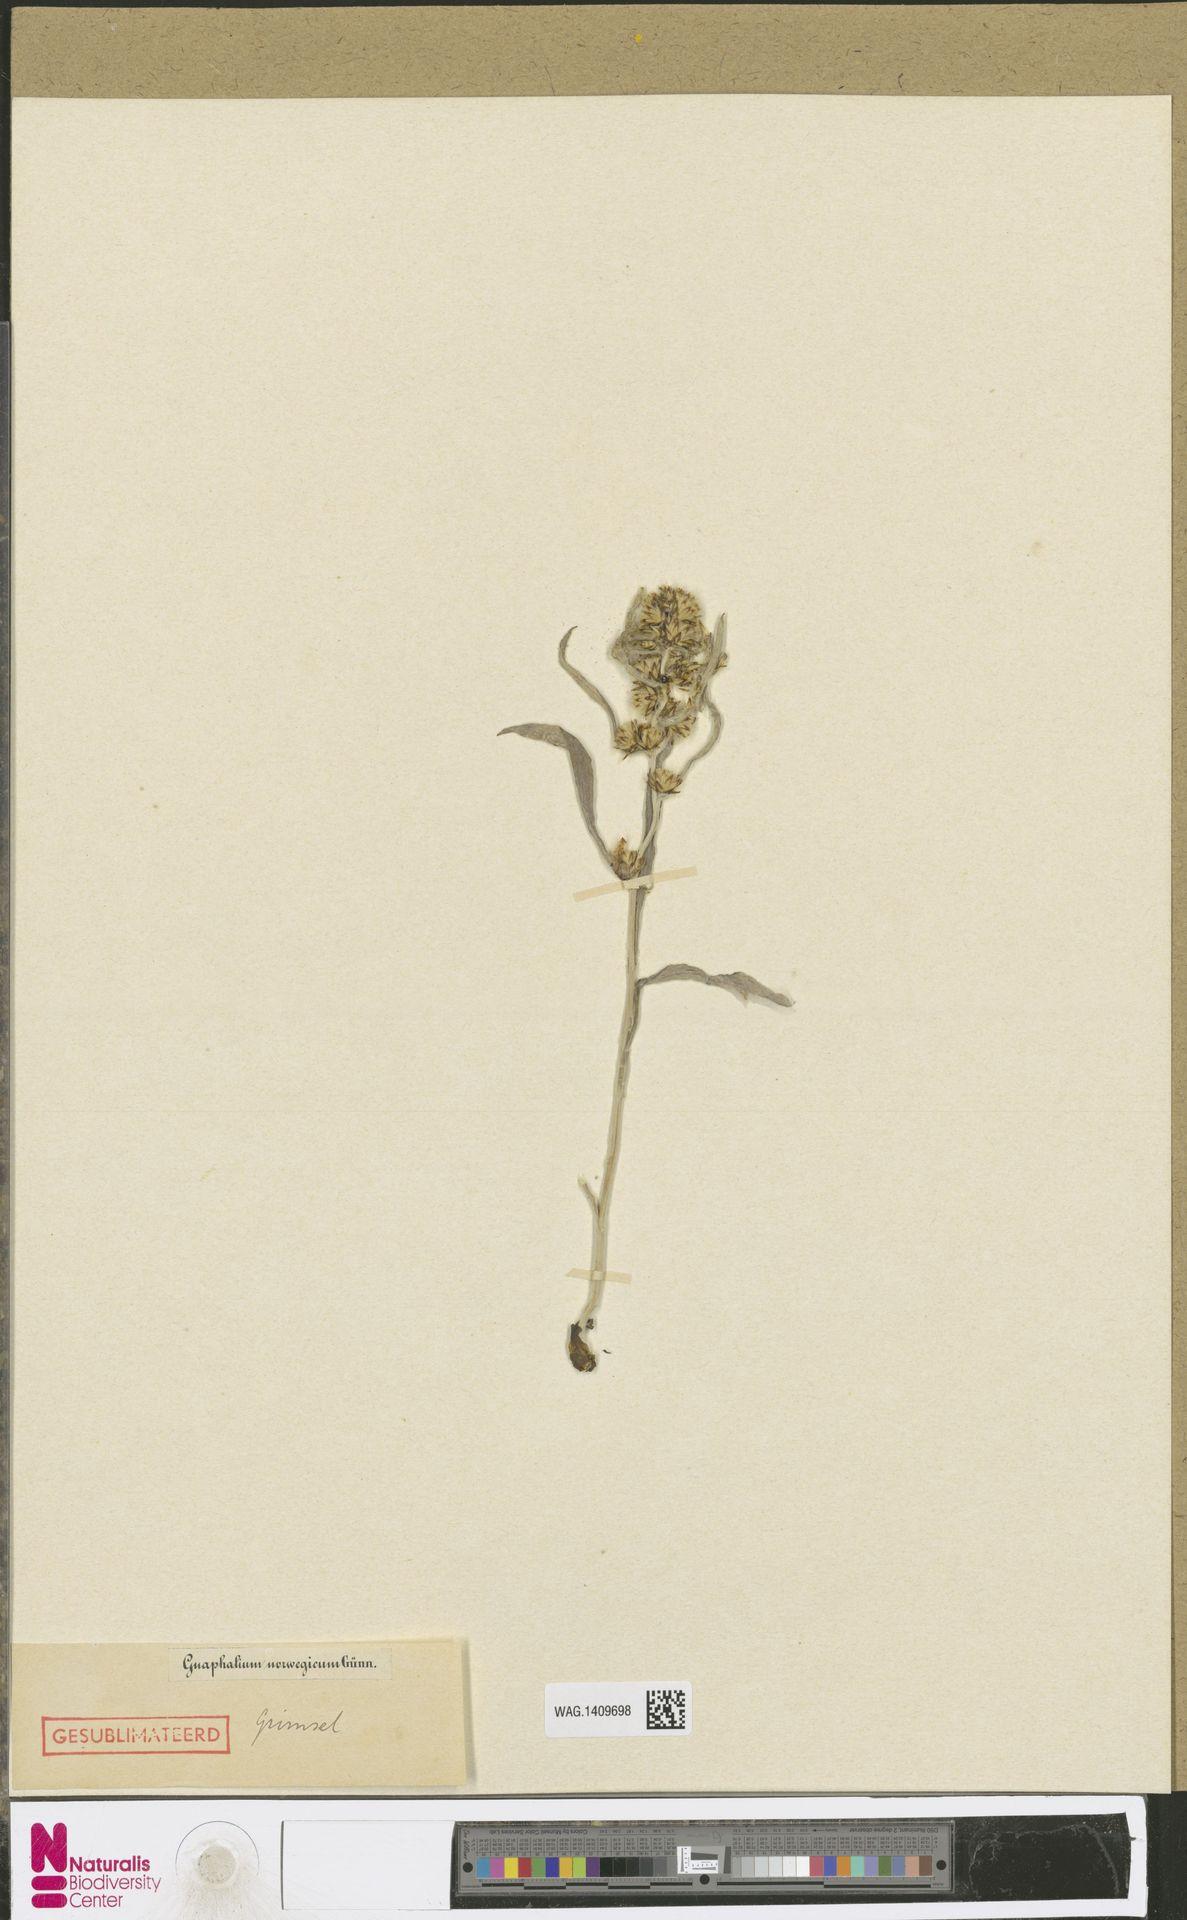 WAG.1409698 | Gnaphalium norvegicum Gunnerus